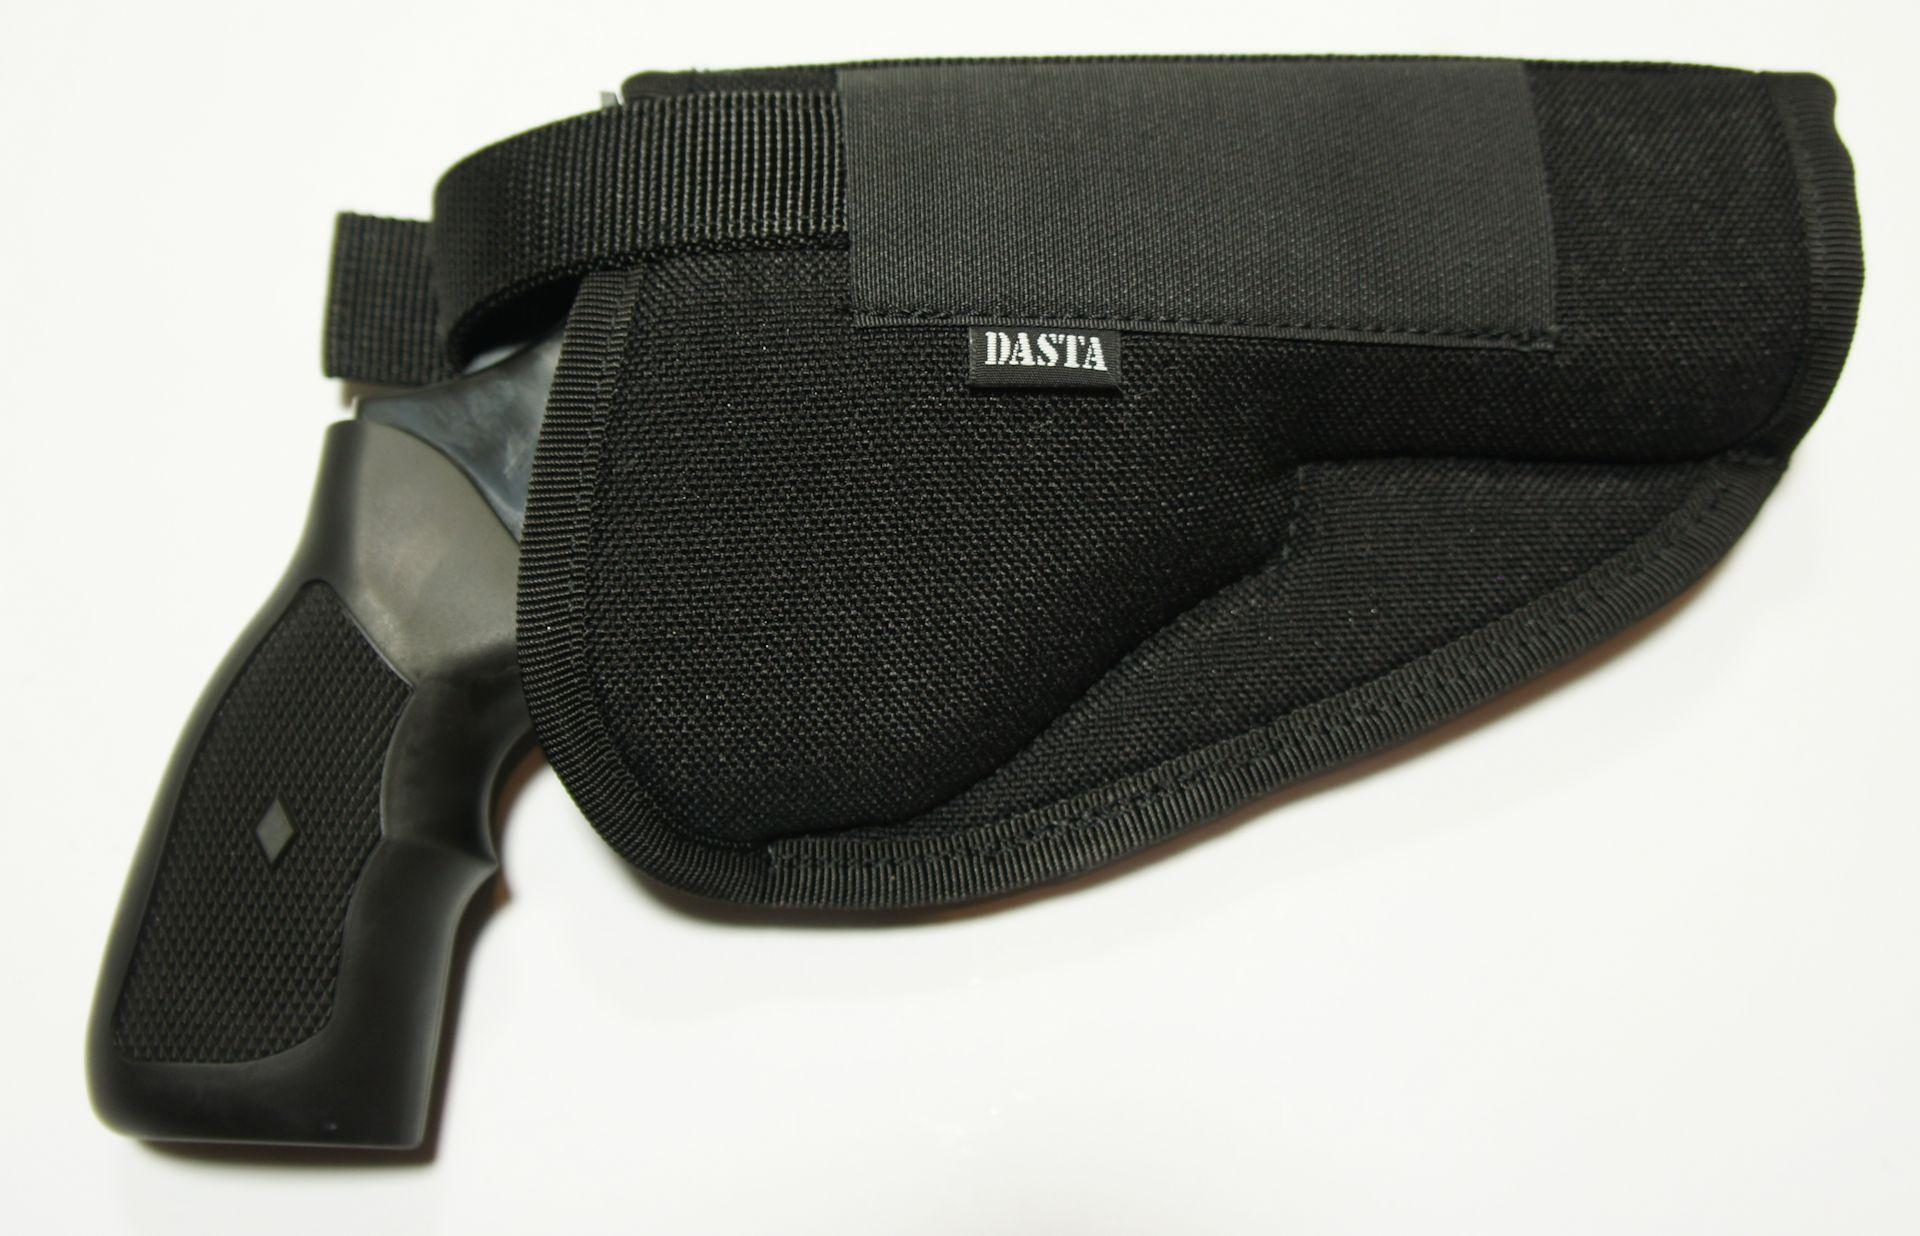 Kombinationsbeispiel mit <a href=1260146.htm>passendem Gürtelholster Nr. 1260146 </a>. Wenn Sie für Ihren revolver ein Holster aus Leder bevorzugen, kann ich Ihnen gerne <a href=1260109.htm>ein passendes Lederholster</a> anbieten